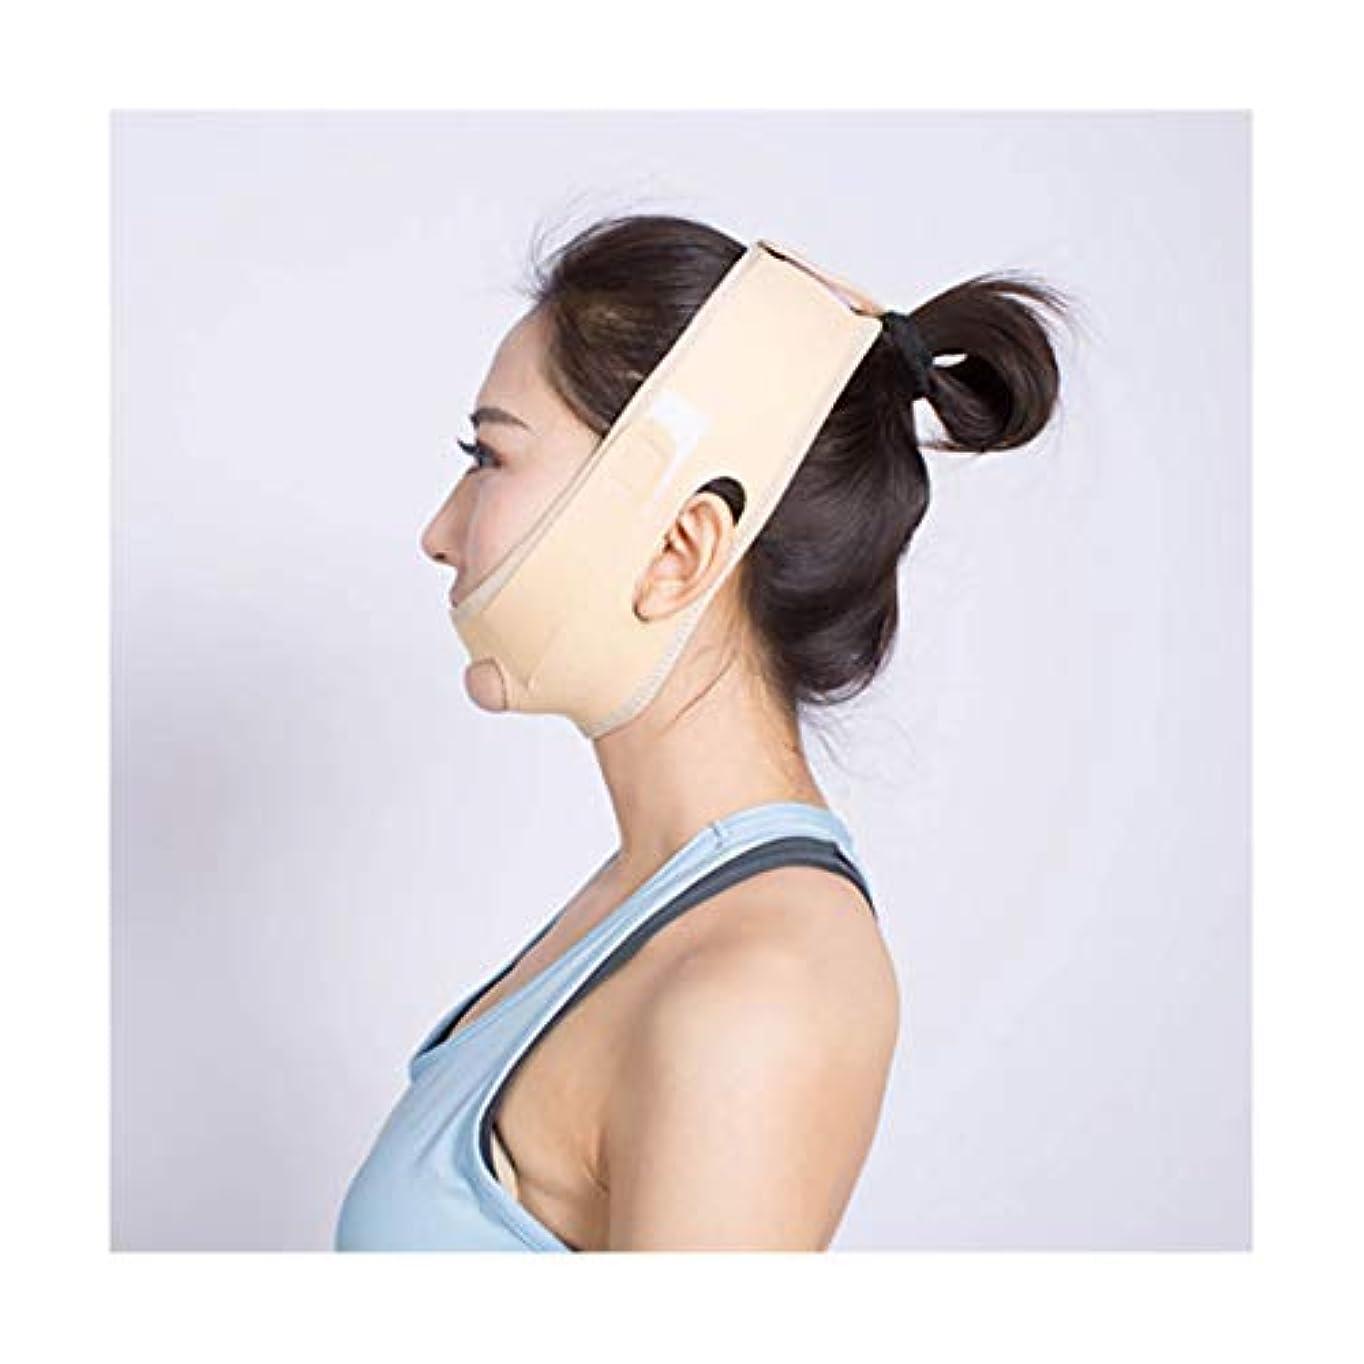 木癌未接続GLJJQMY 薄い顔包帯アーティファクト薄い顔薄い顔薄い顔の美しさの楽器V顔薄い顔の顔のマッサージ 顔用整形マスク (Color : B)